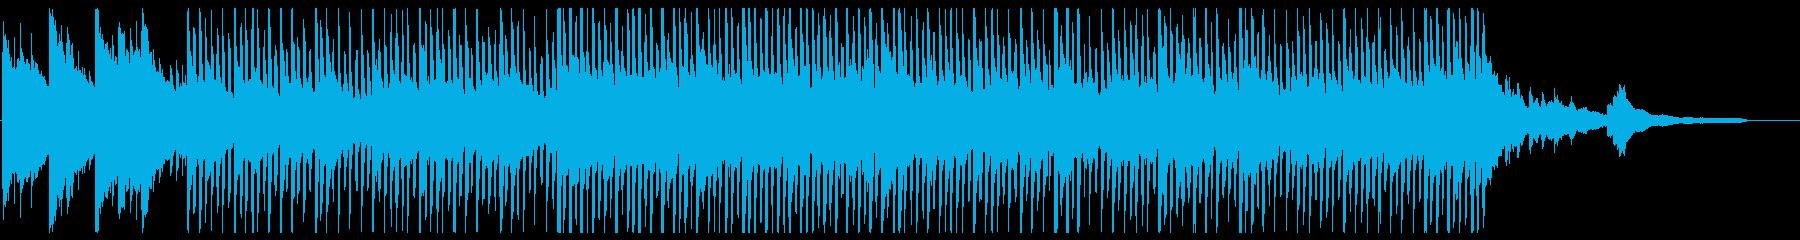 明るいクリーンなコーポレート1_90秒の再生済みの波形